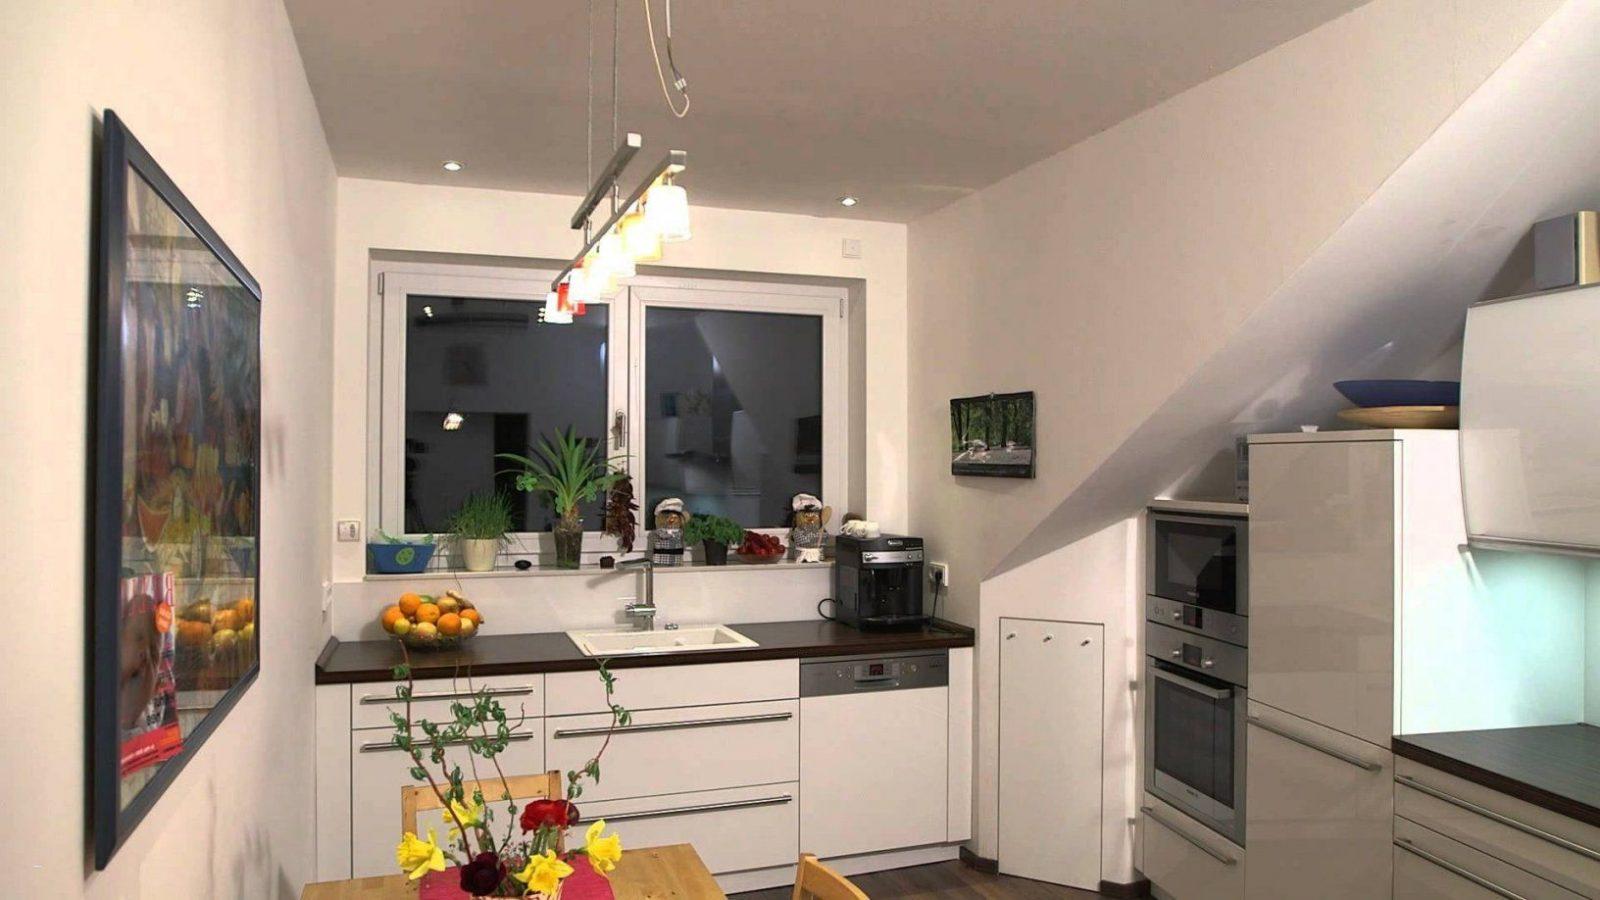 Ideen Für Schmalen Balkon Luxus 40 Fabelhaft Tür Für Küche Küchen von Ideen Für Schmalen Balkon Photo